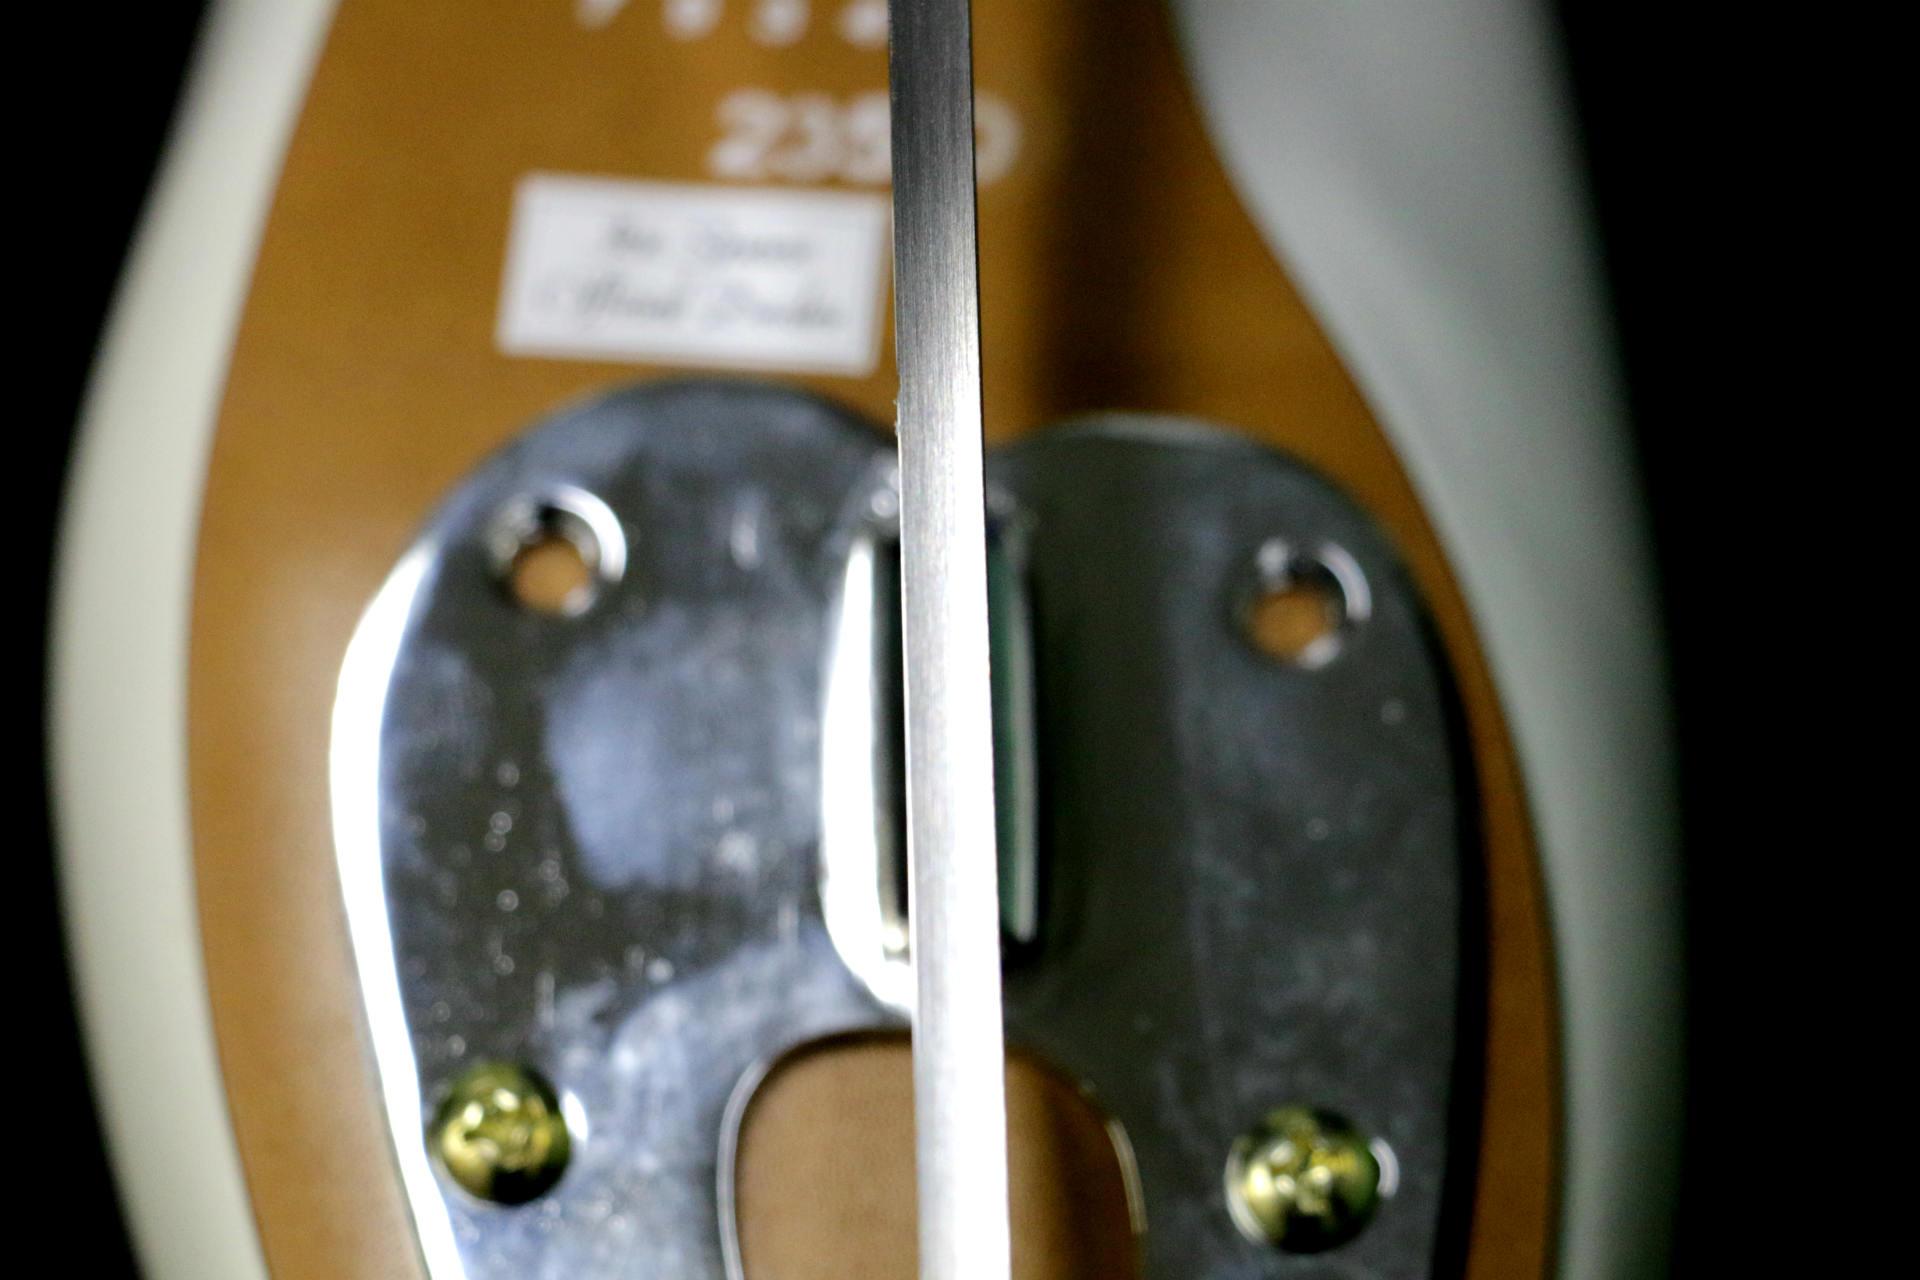 研いだ足側の刃。表面の目が細かく、光の反射がよりはっきりしているのがわかるでしょうか